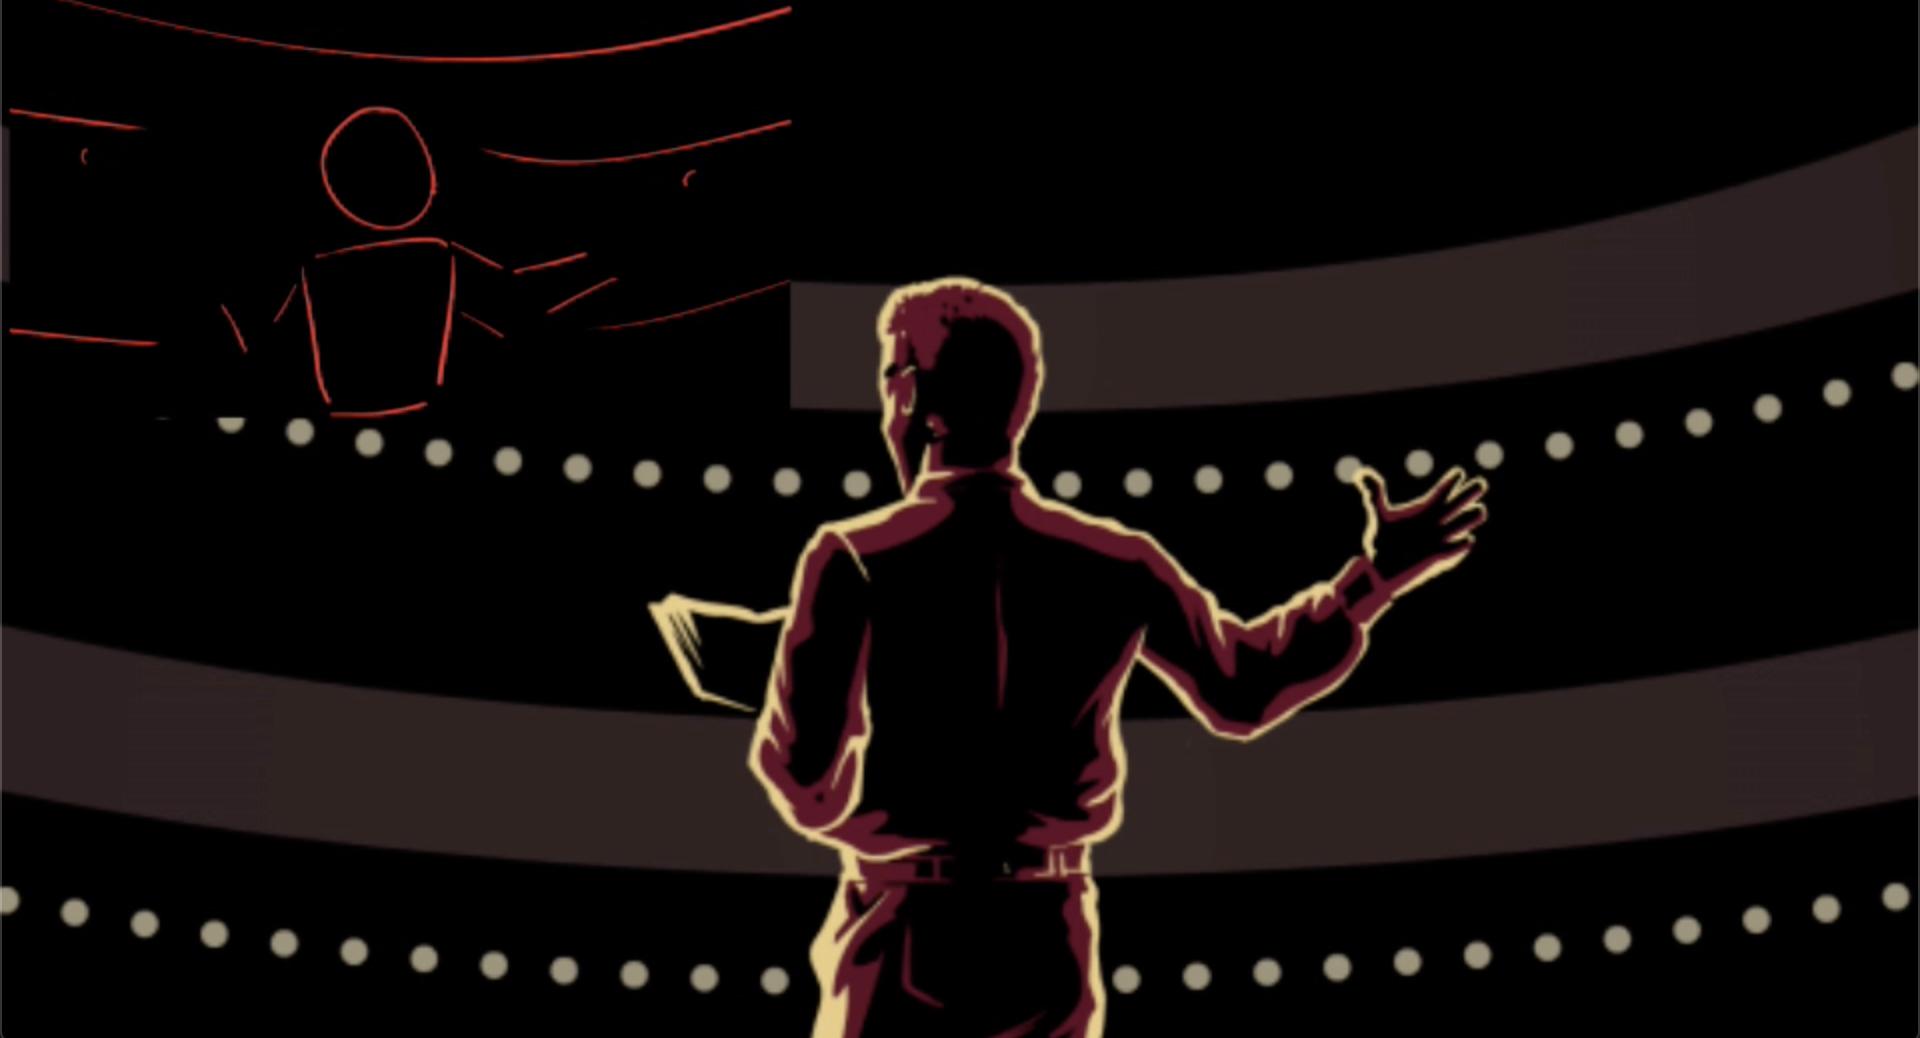 Animation Standbild ausVPN Wenn du gern sein willst